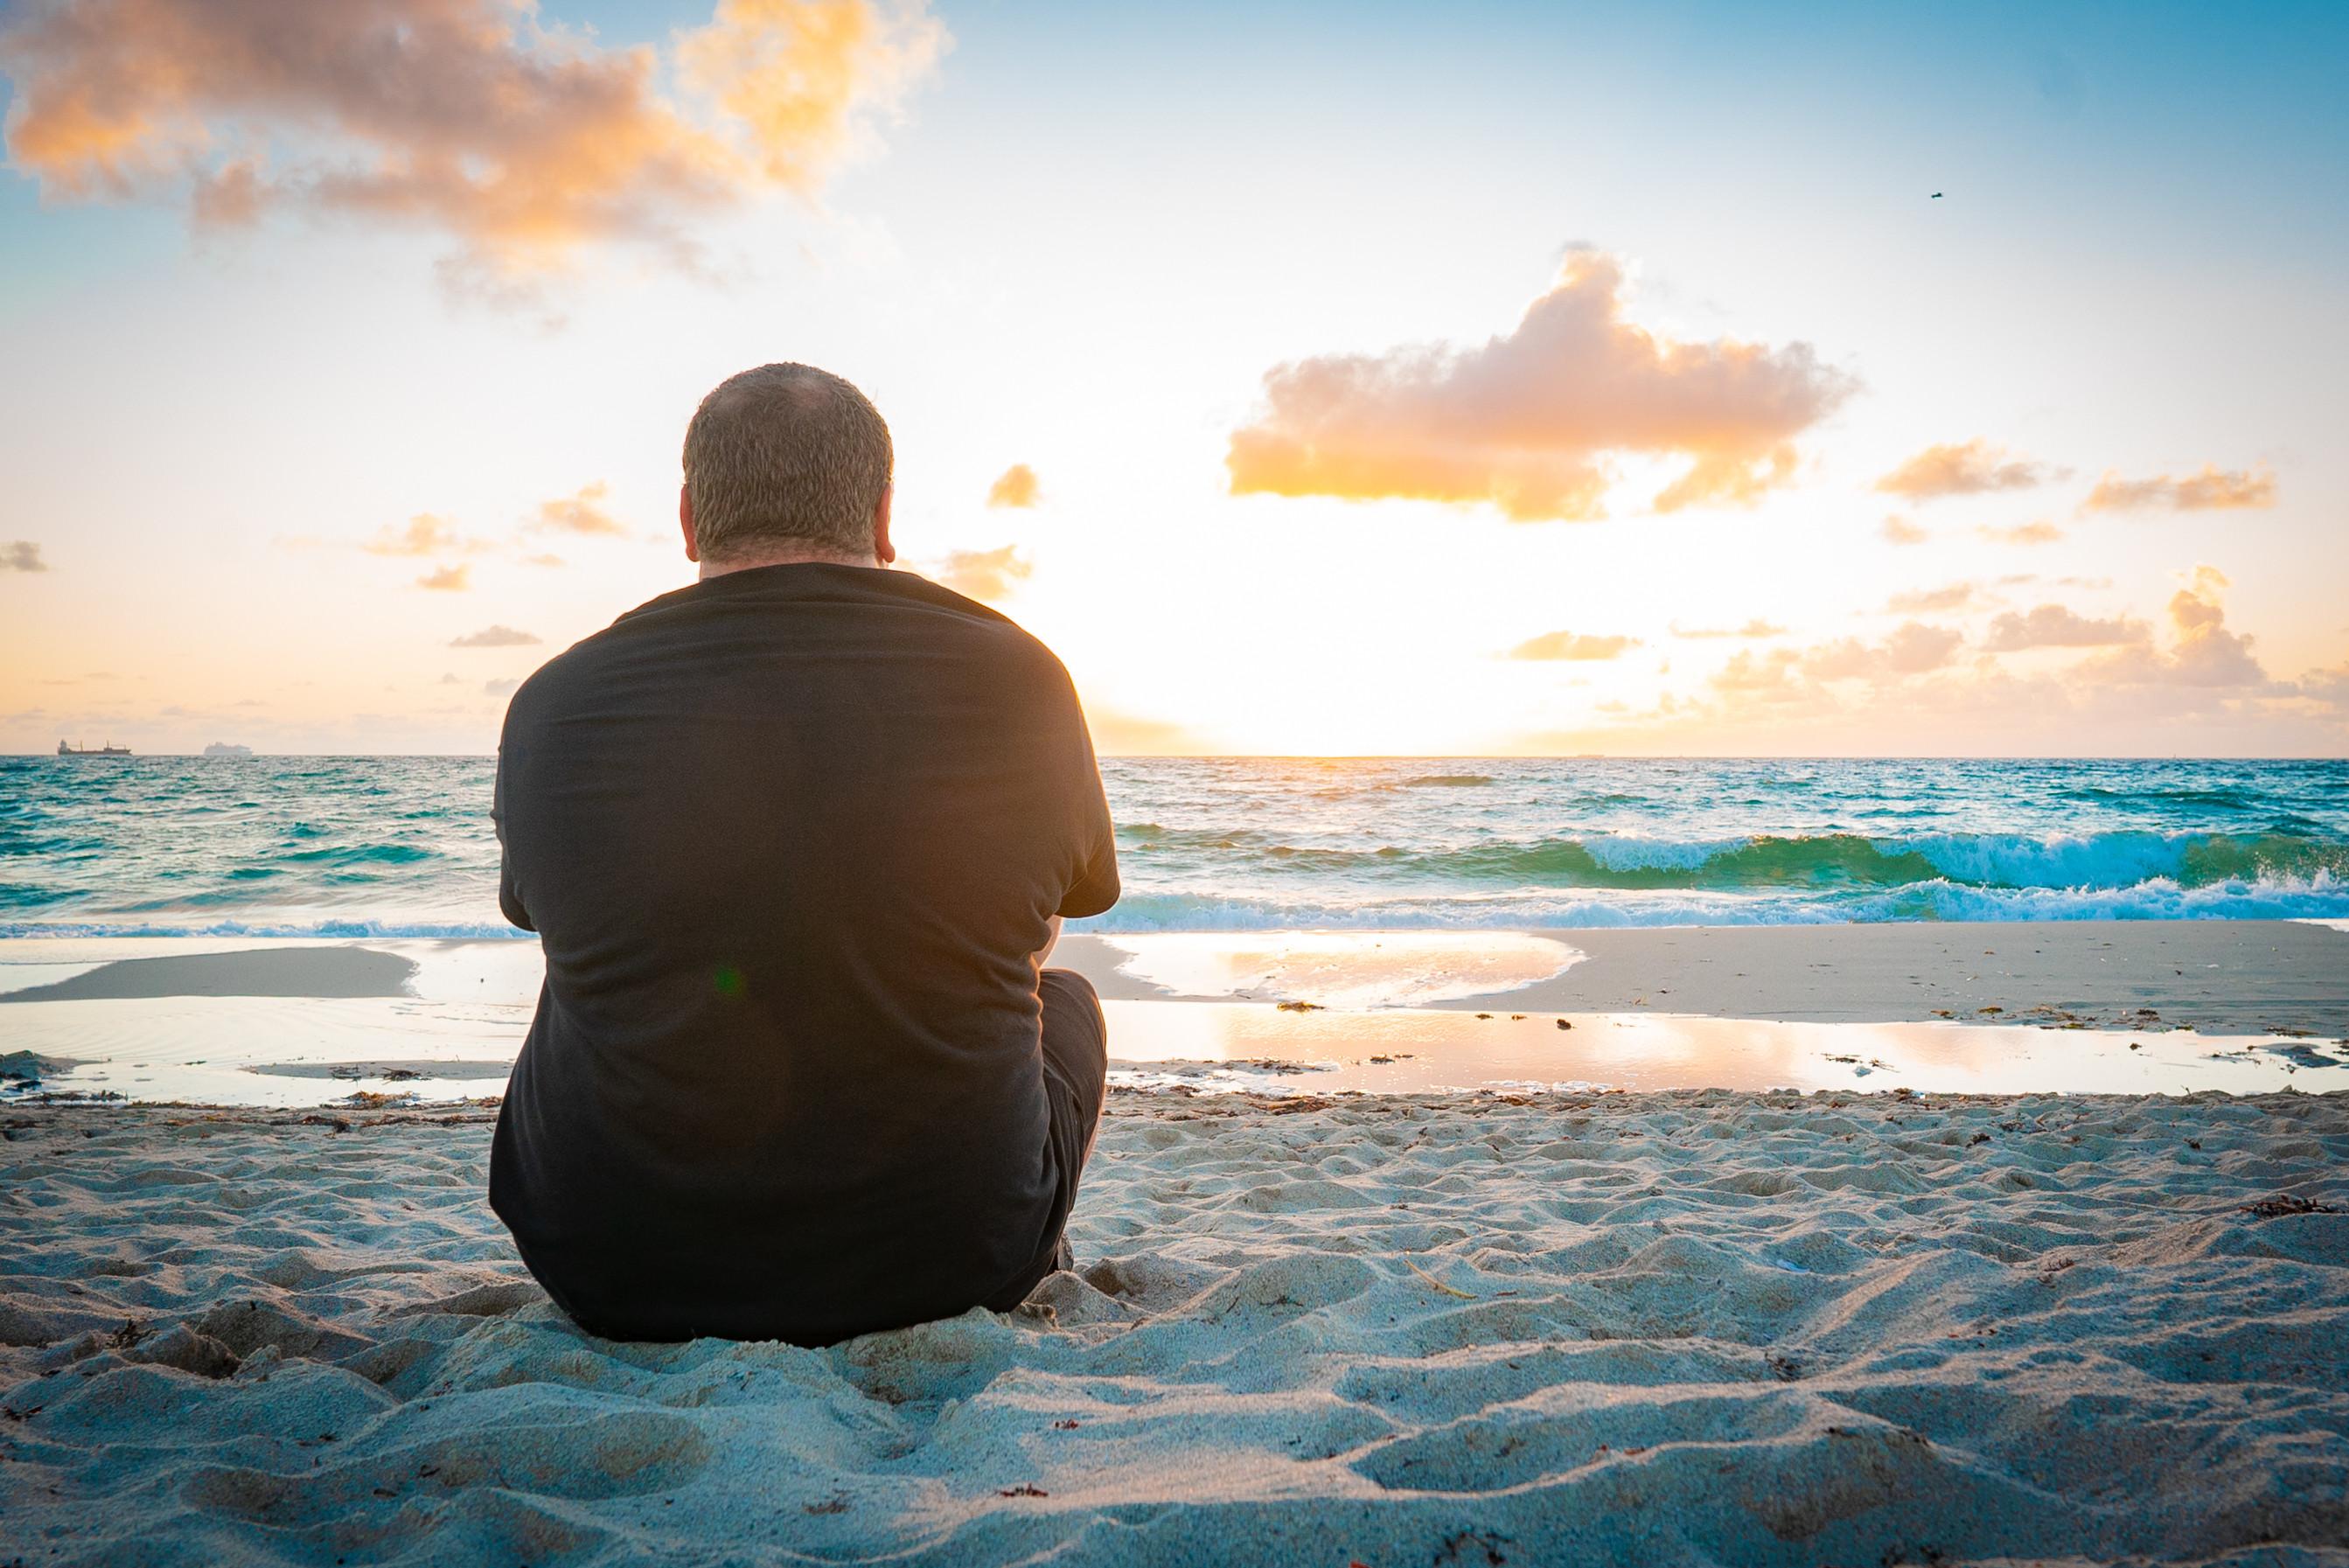 Holiday Photoshoot - Miami Beach